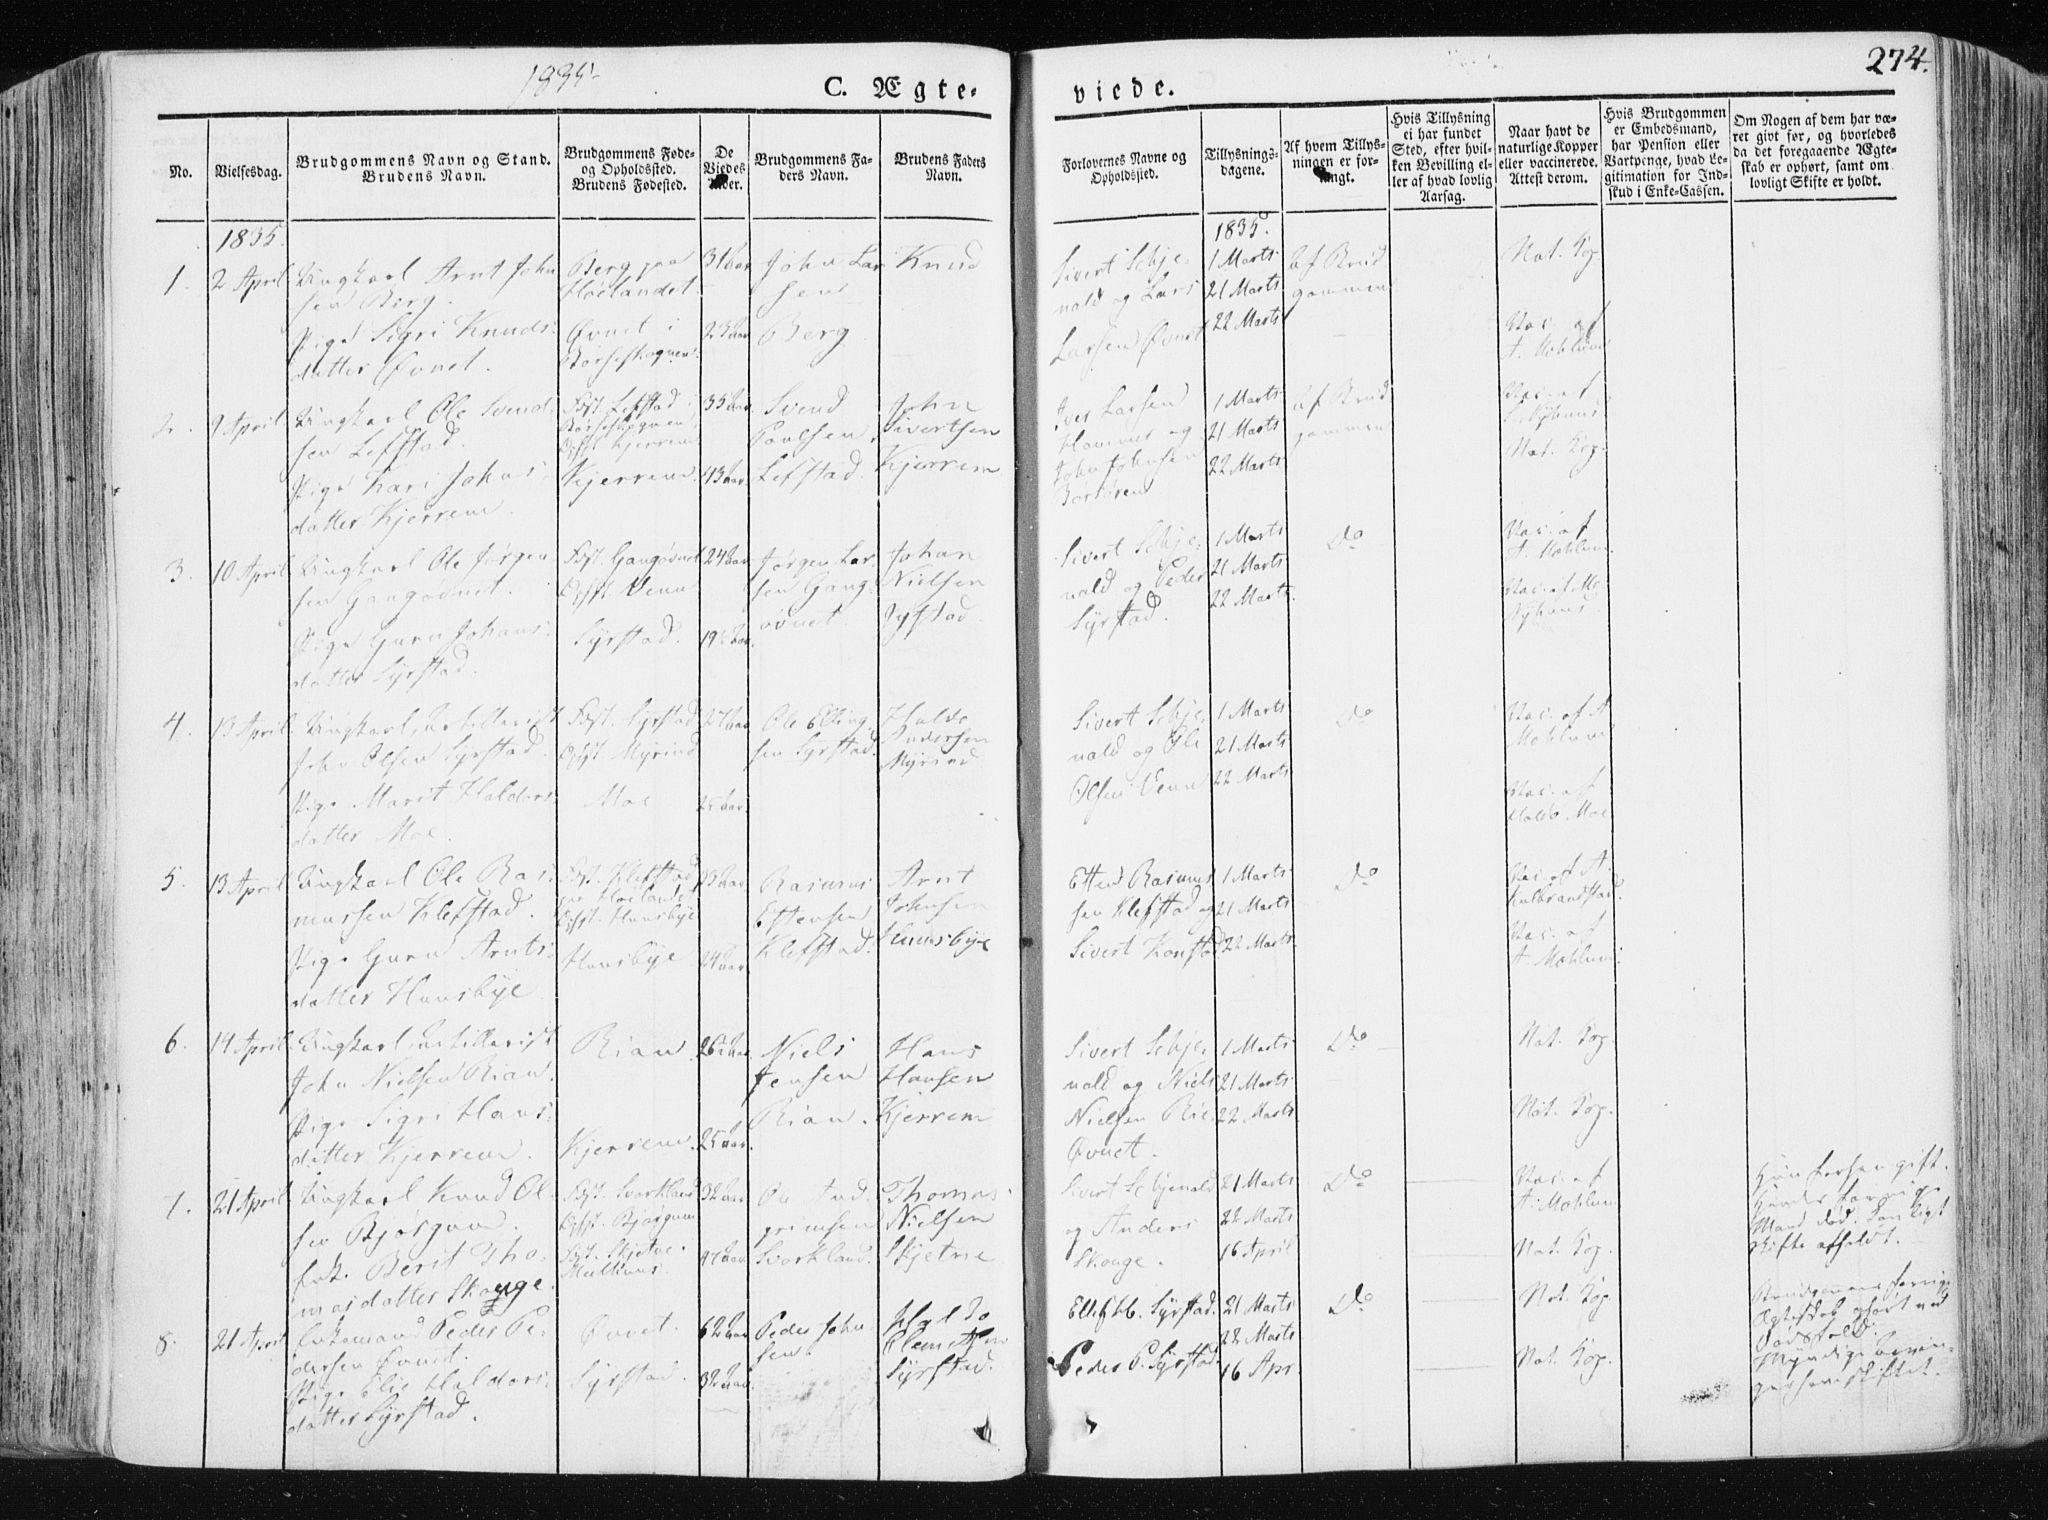 SAT, Ministerialprotokoller, klokkerbøker og fødselsregistre - Sør-Trøndelag, 665/L0771: Ministerialbok nr. 665A06, 1830-1856, s. 274